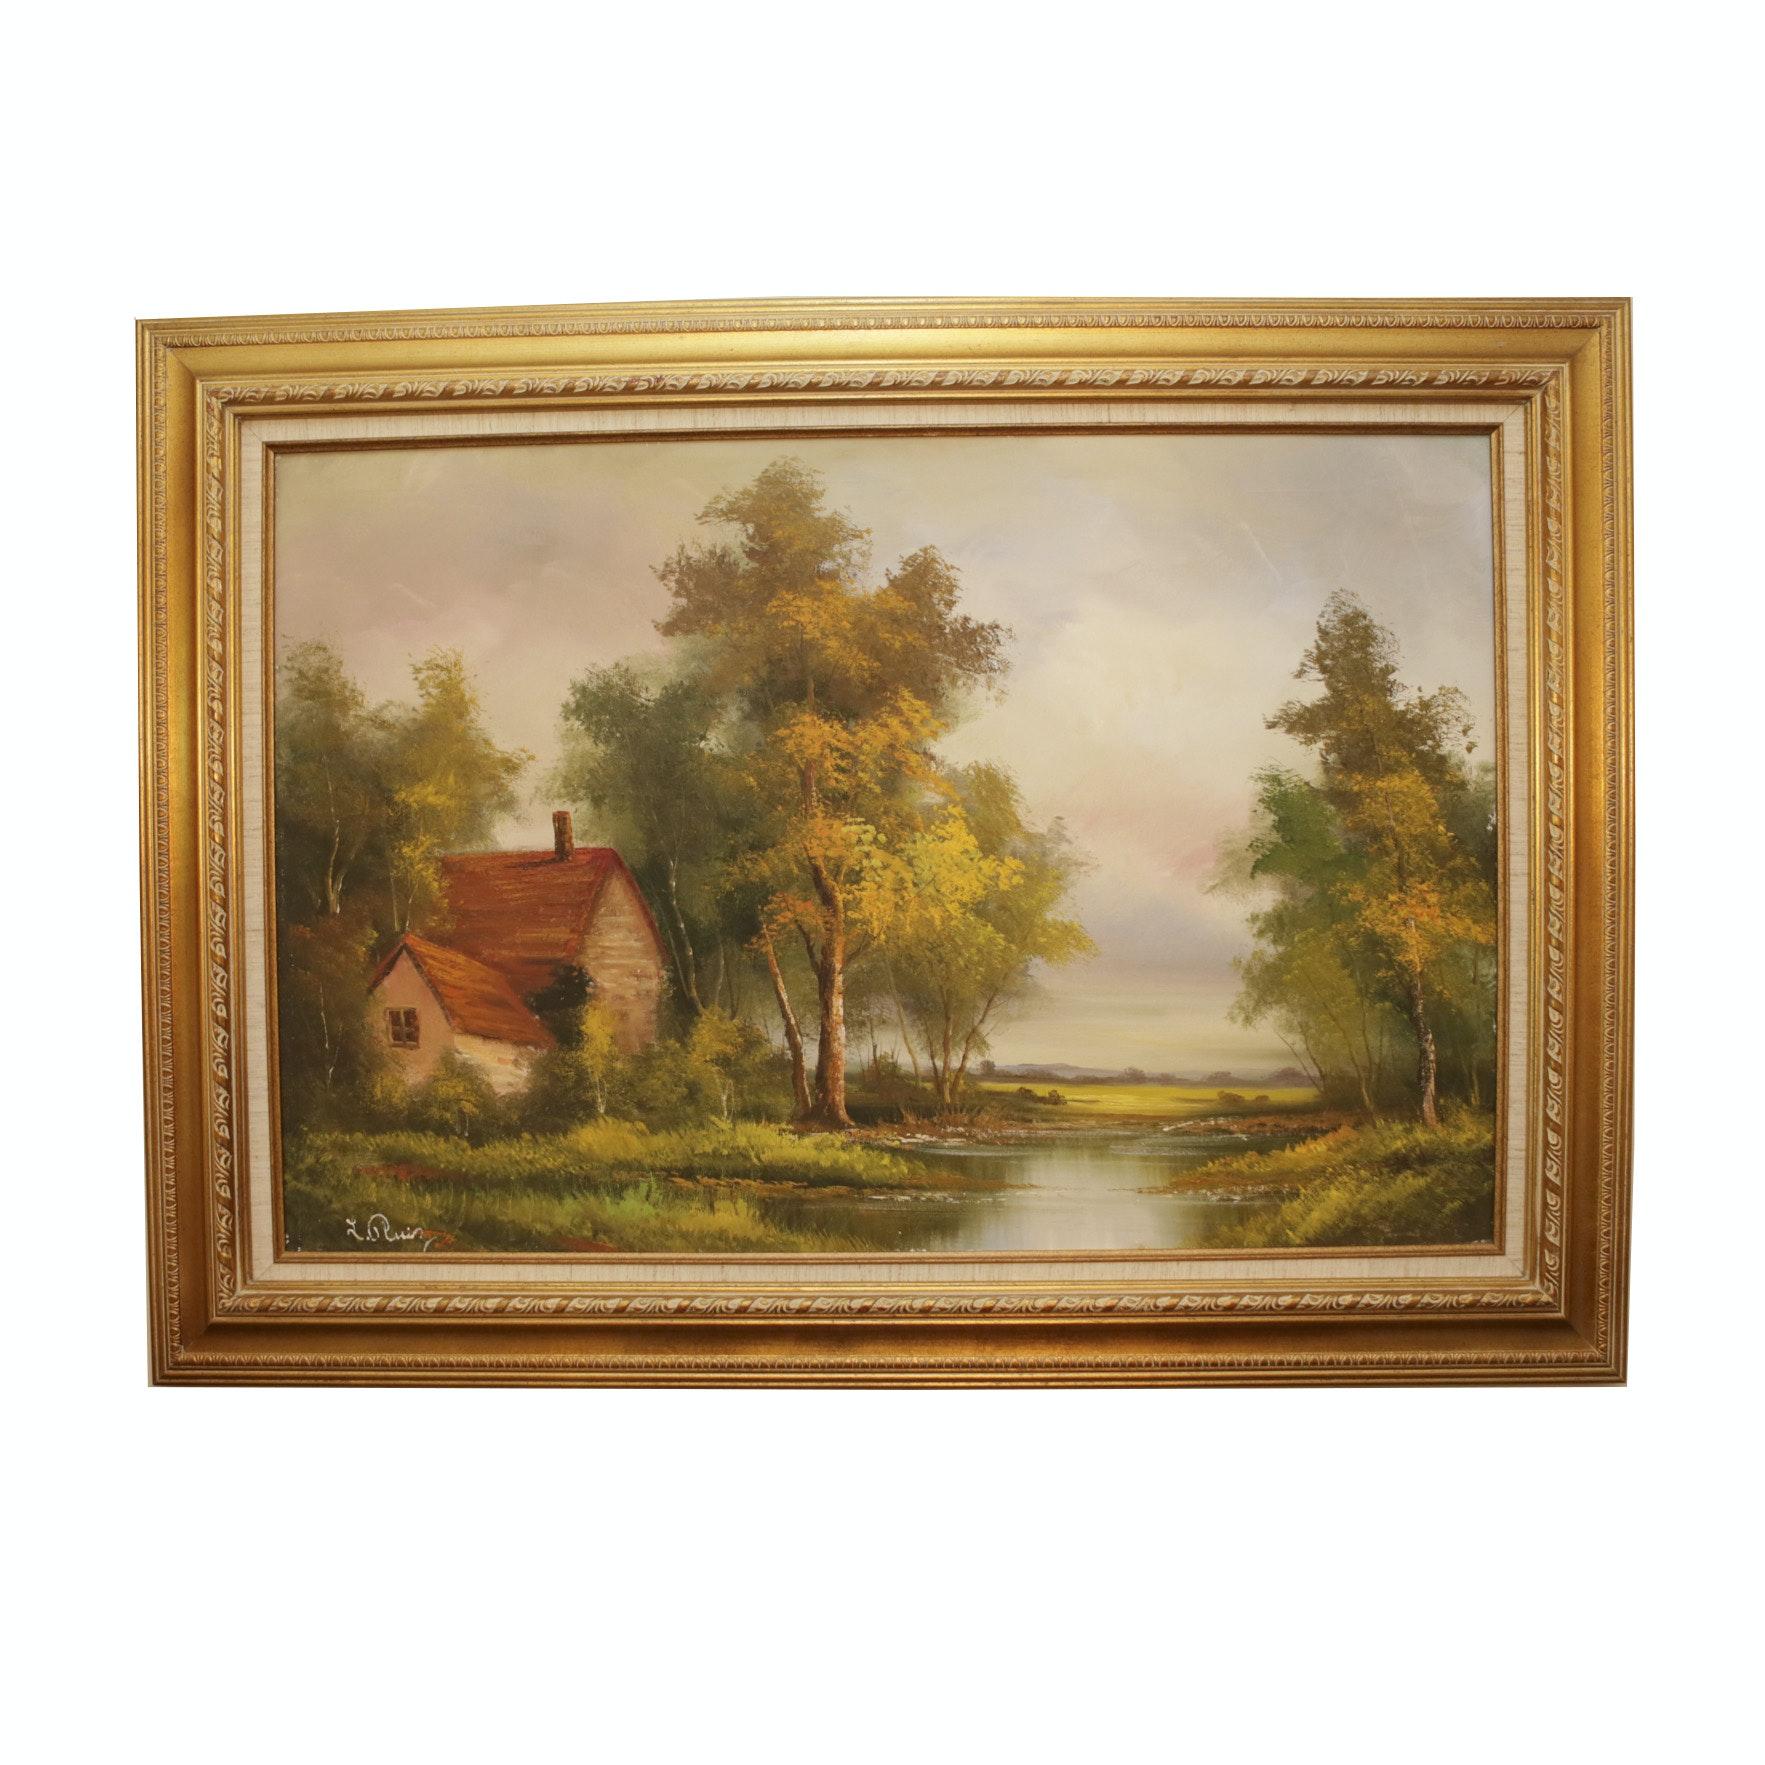 L. Ruiz Landscape Oil Painting